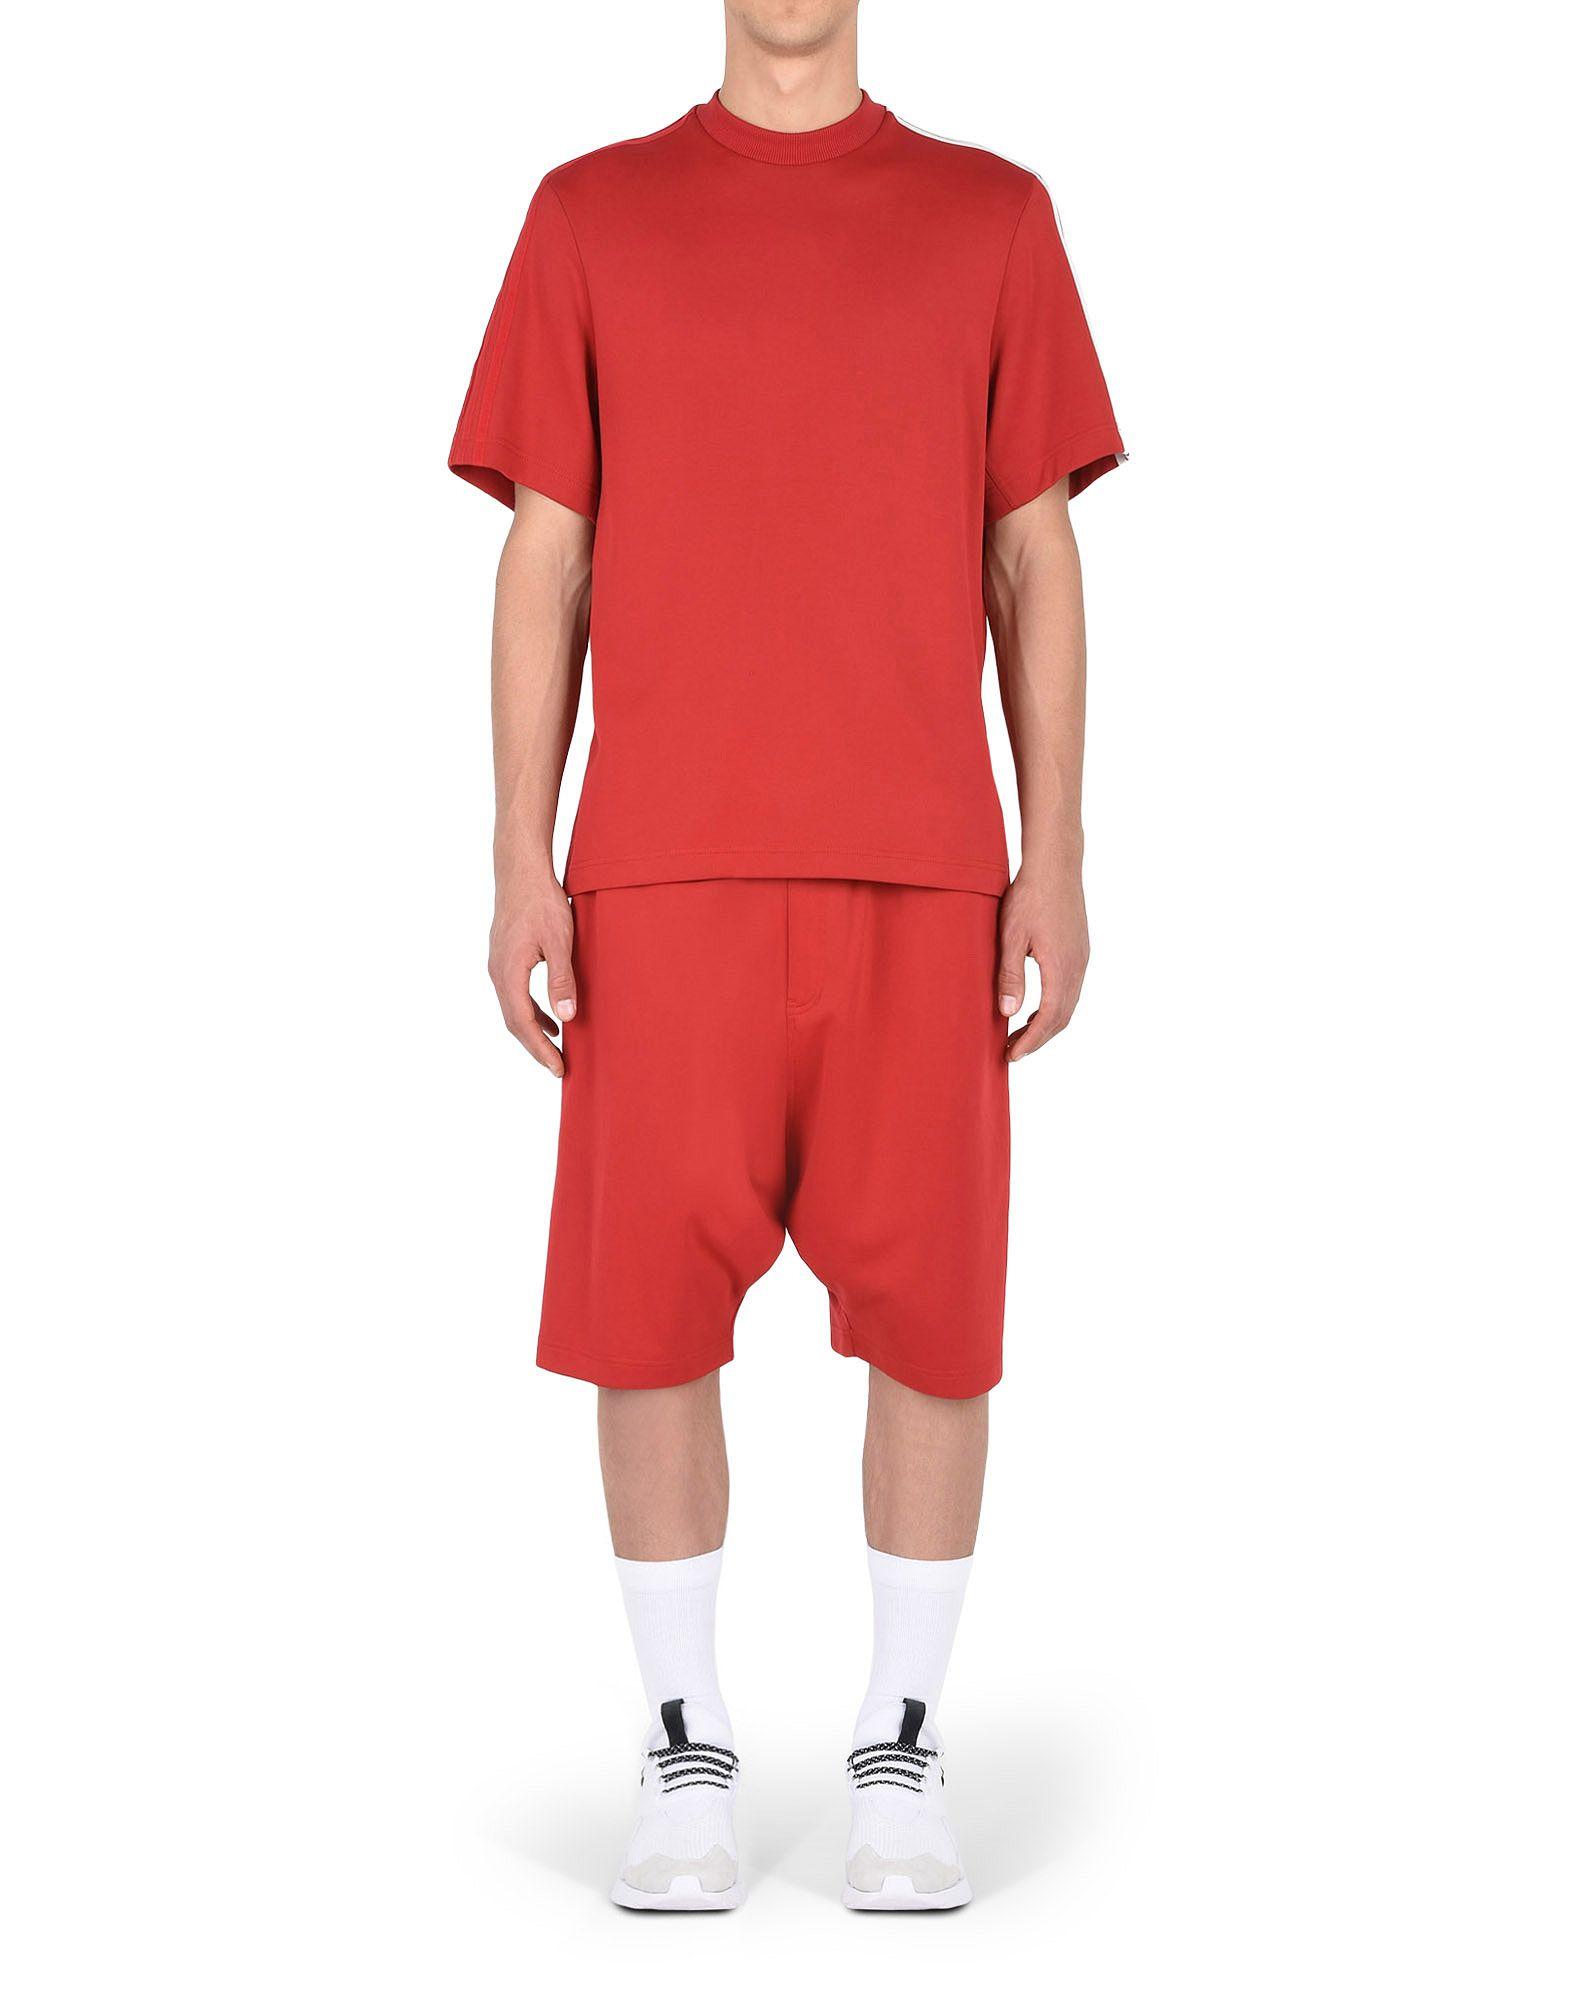 Y-3 Y-3 3-STRIPES SHORTS Shorts Man d